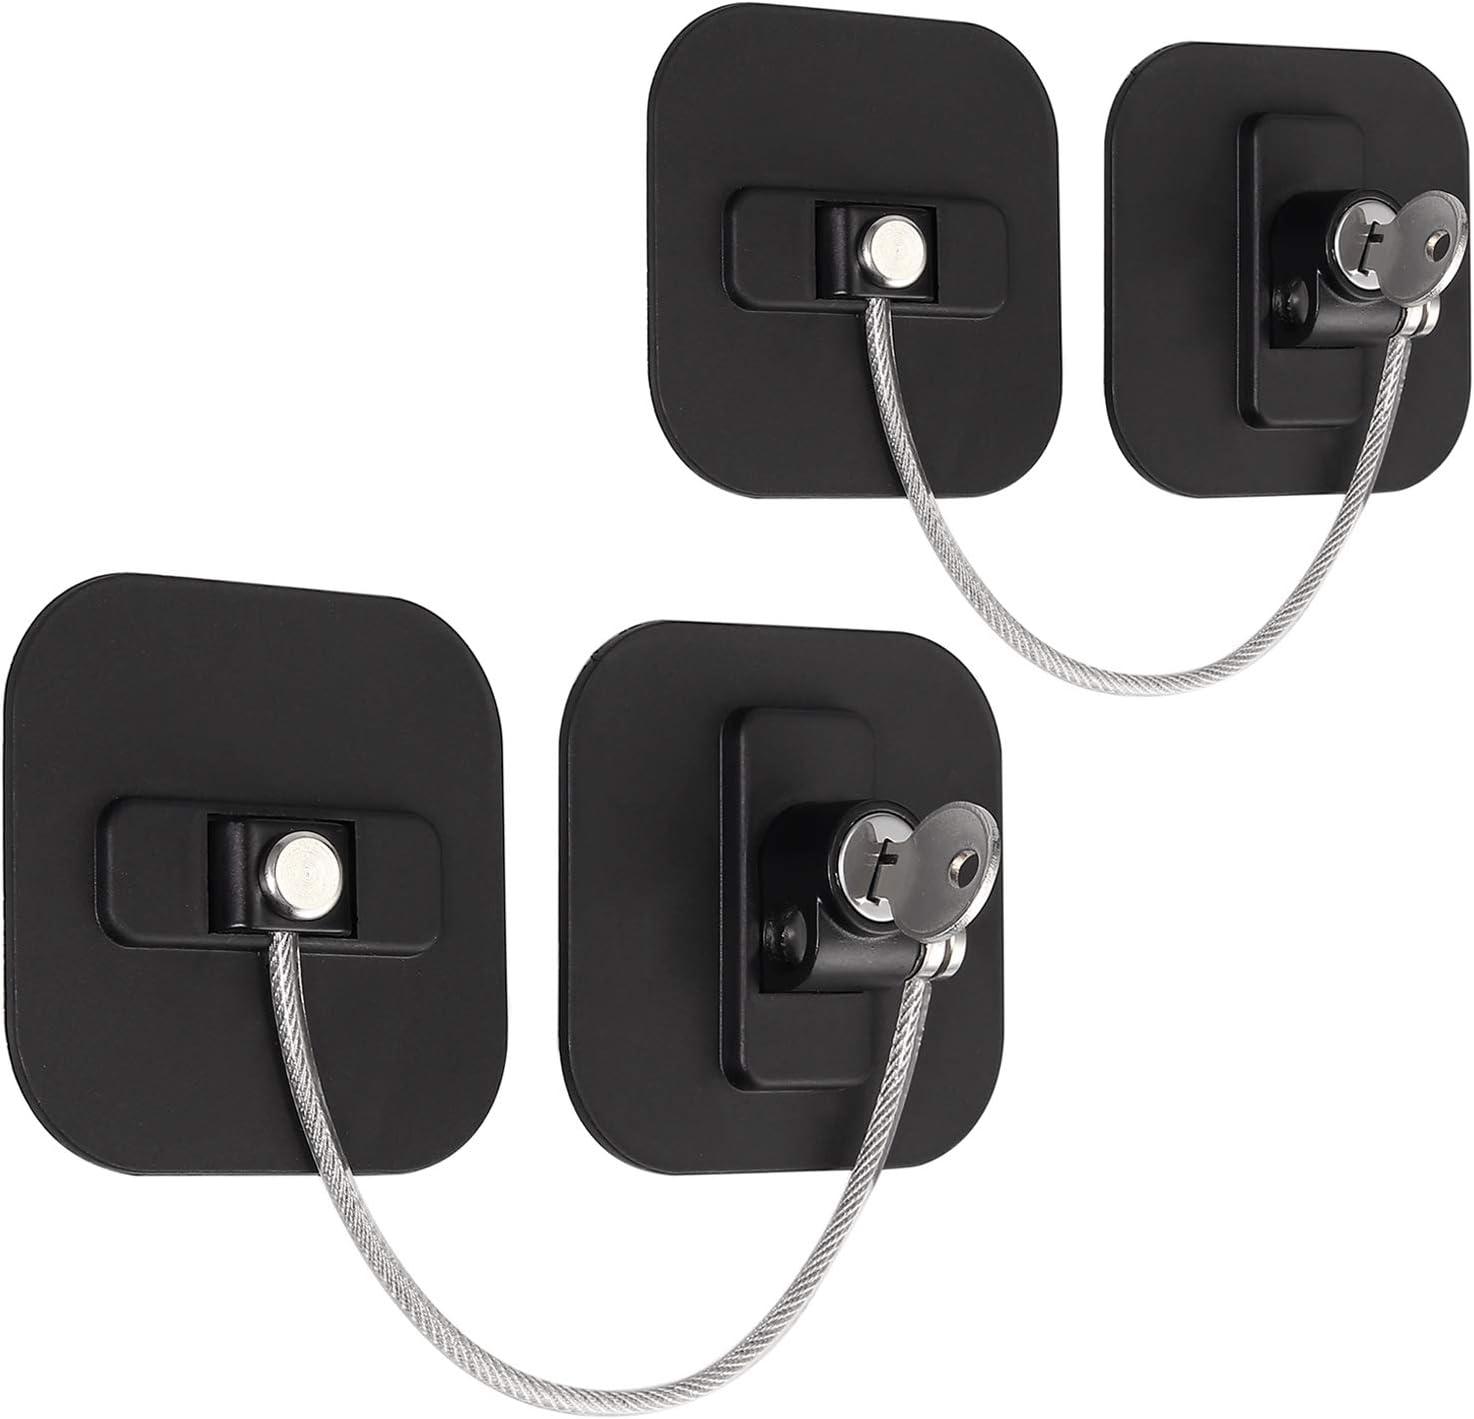 eSynic 2 piezas Seguridad de Refrigerador Cerradura de la Puerta del Refrigerador con Llave para la Seguridad del Bebé Utilizado en Refrigeradores Congeladores Armarios Secadoras Lavadoras-Negro